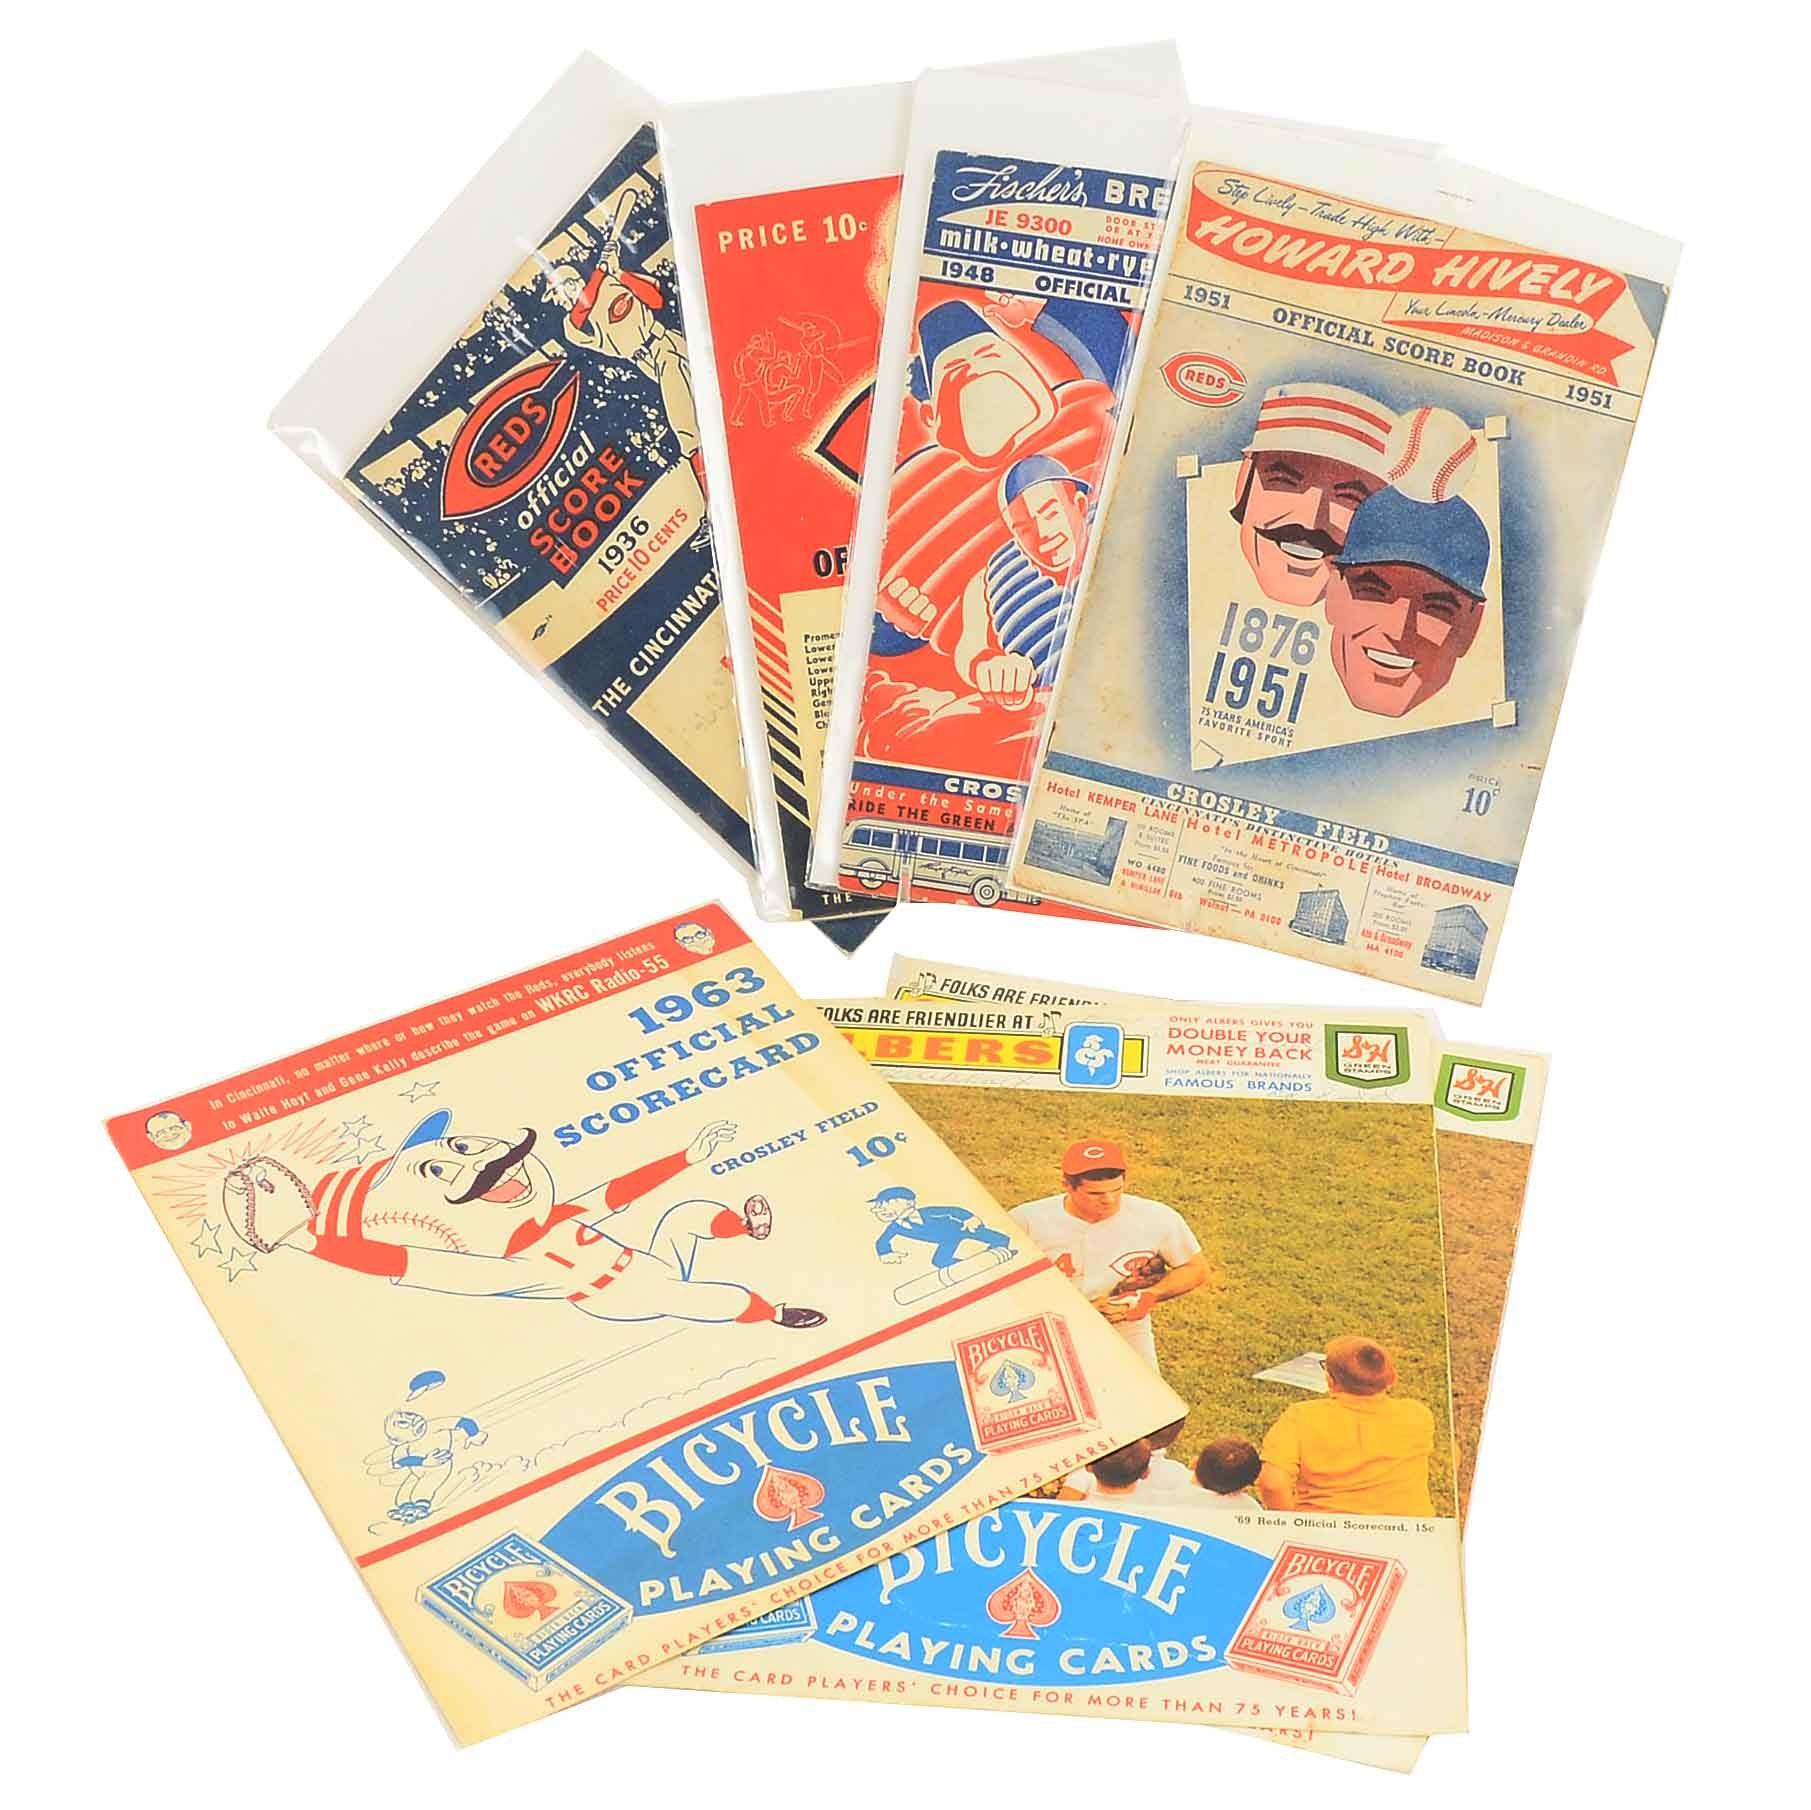 1930s-1969 Reds Scorecard, One has Signatures